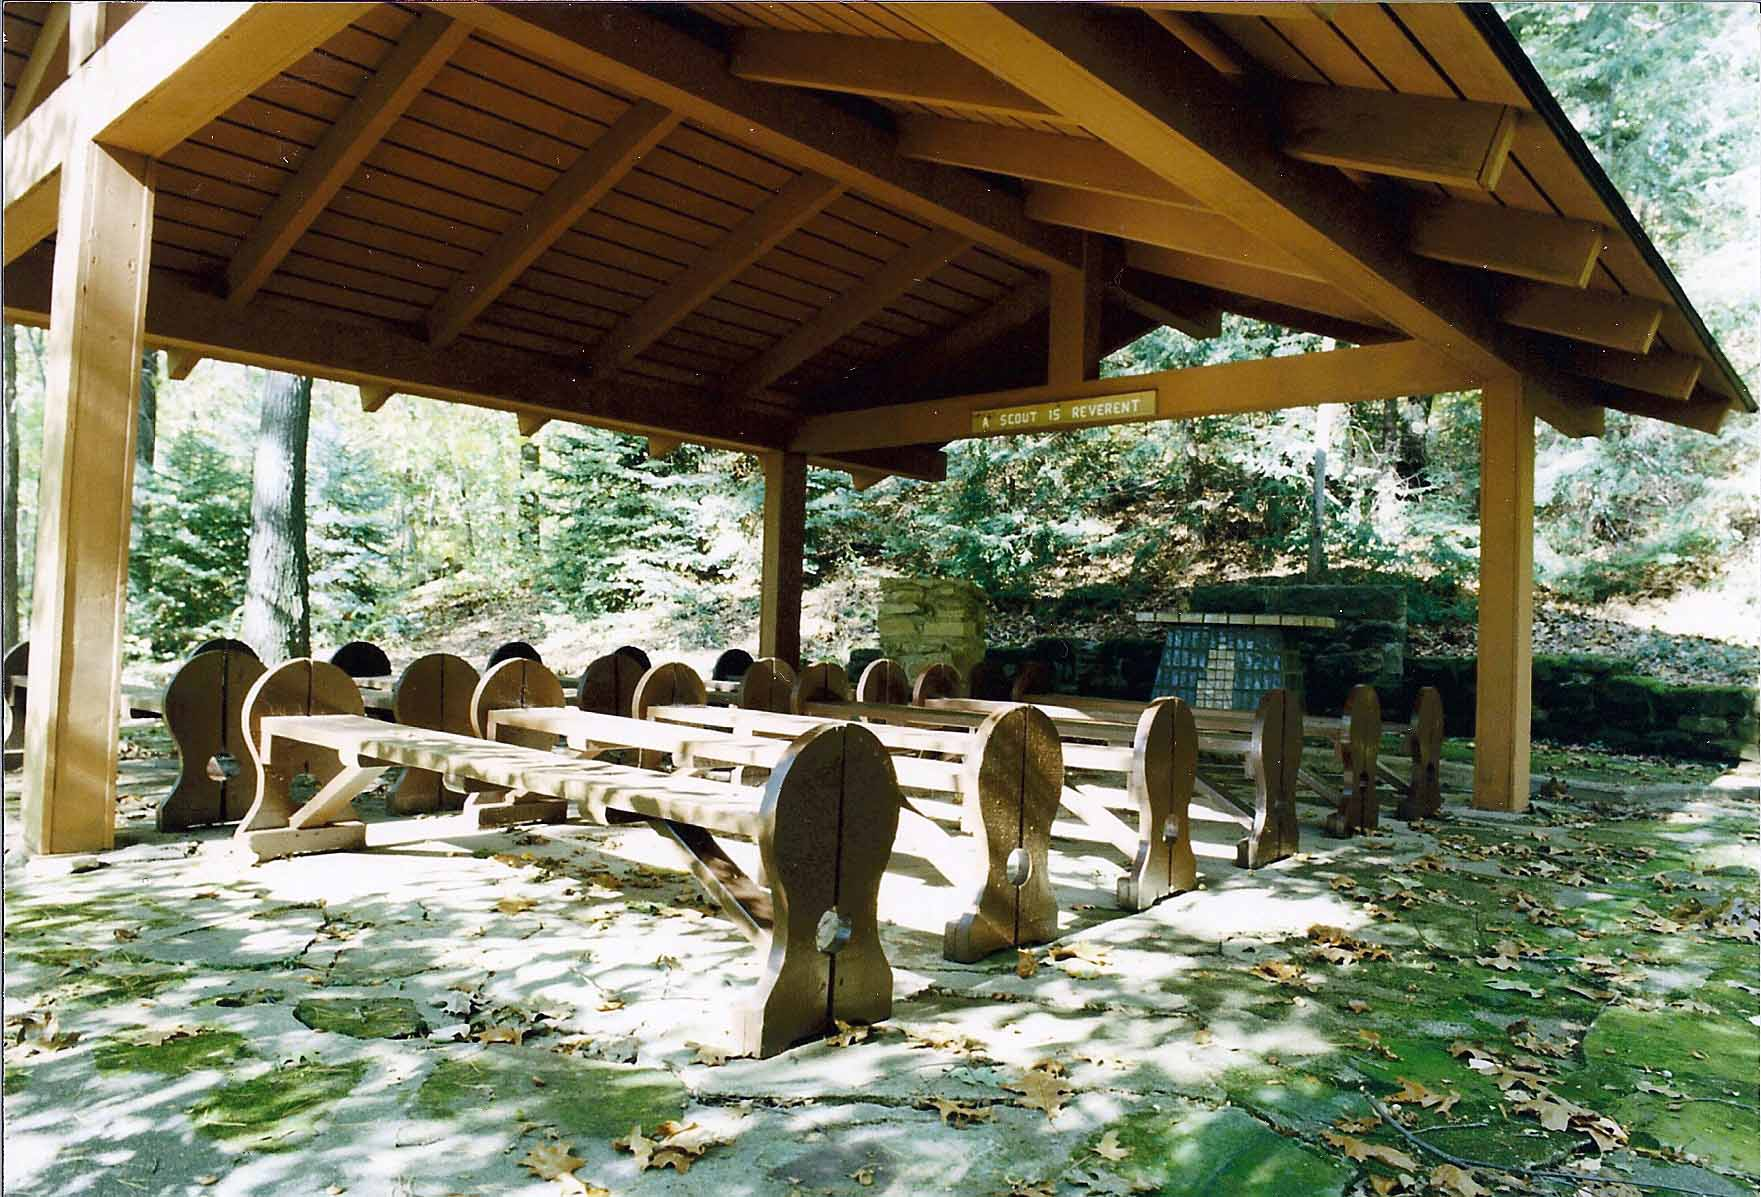 Tom's Chapel in 1990